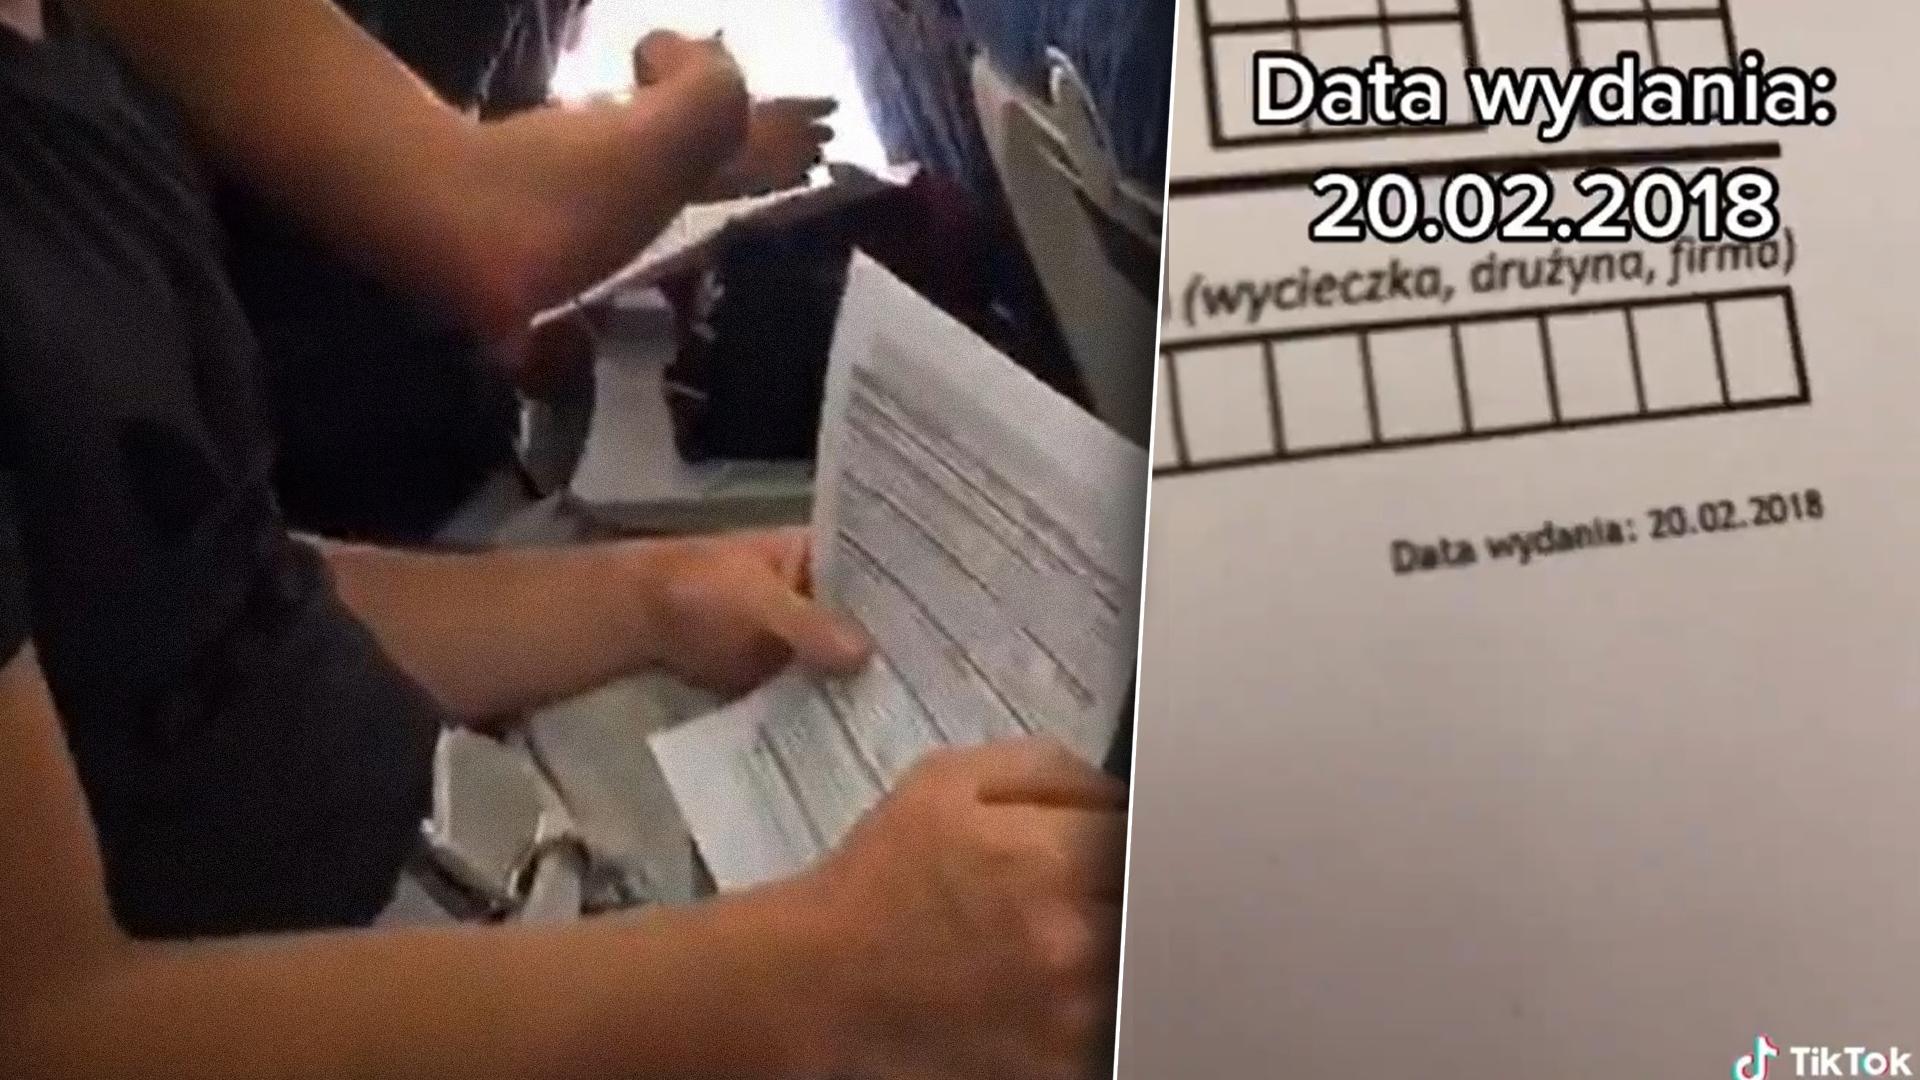 Kadry z filmiku na TikToku umieszczonego przez pasażera, który dziwi się dacie powstania formularza